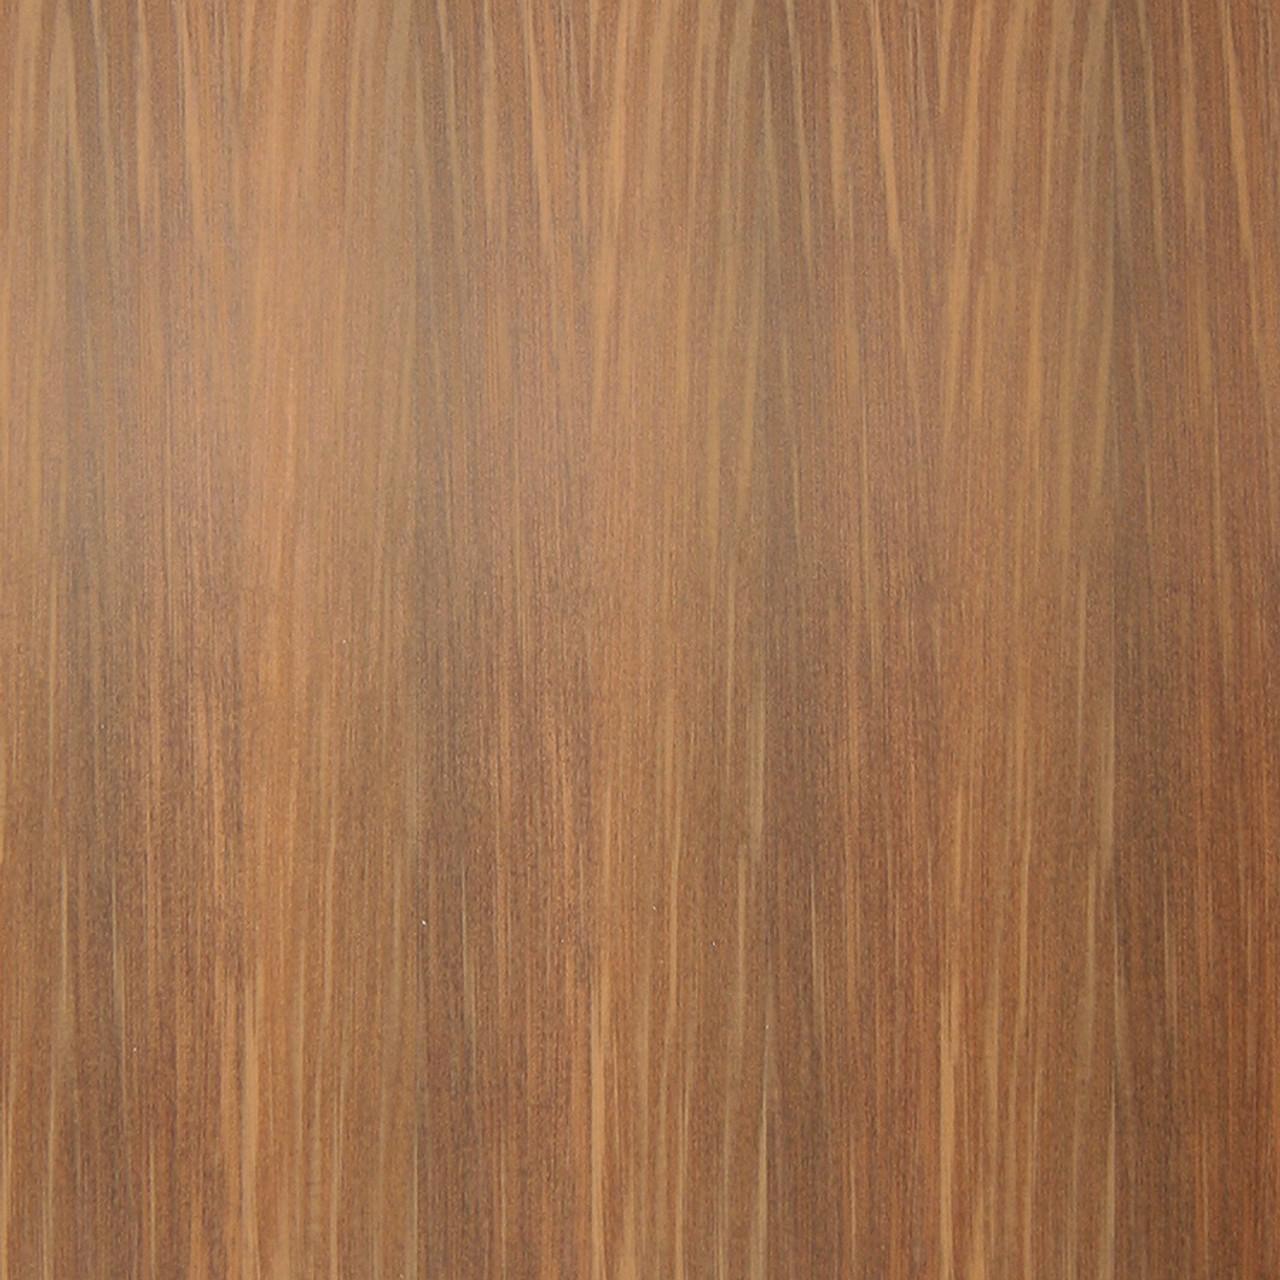 CN1IPE1X2 wood veneer leaf  wood veneer sample  marquetry veneer grade A 30x12cm 2 sheets Ipe wood veneer sheets